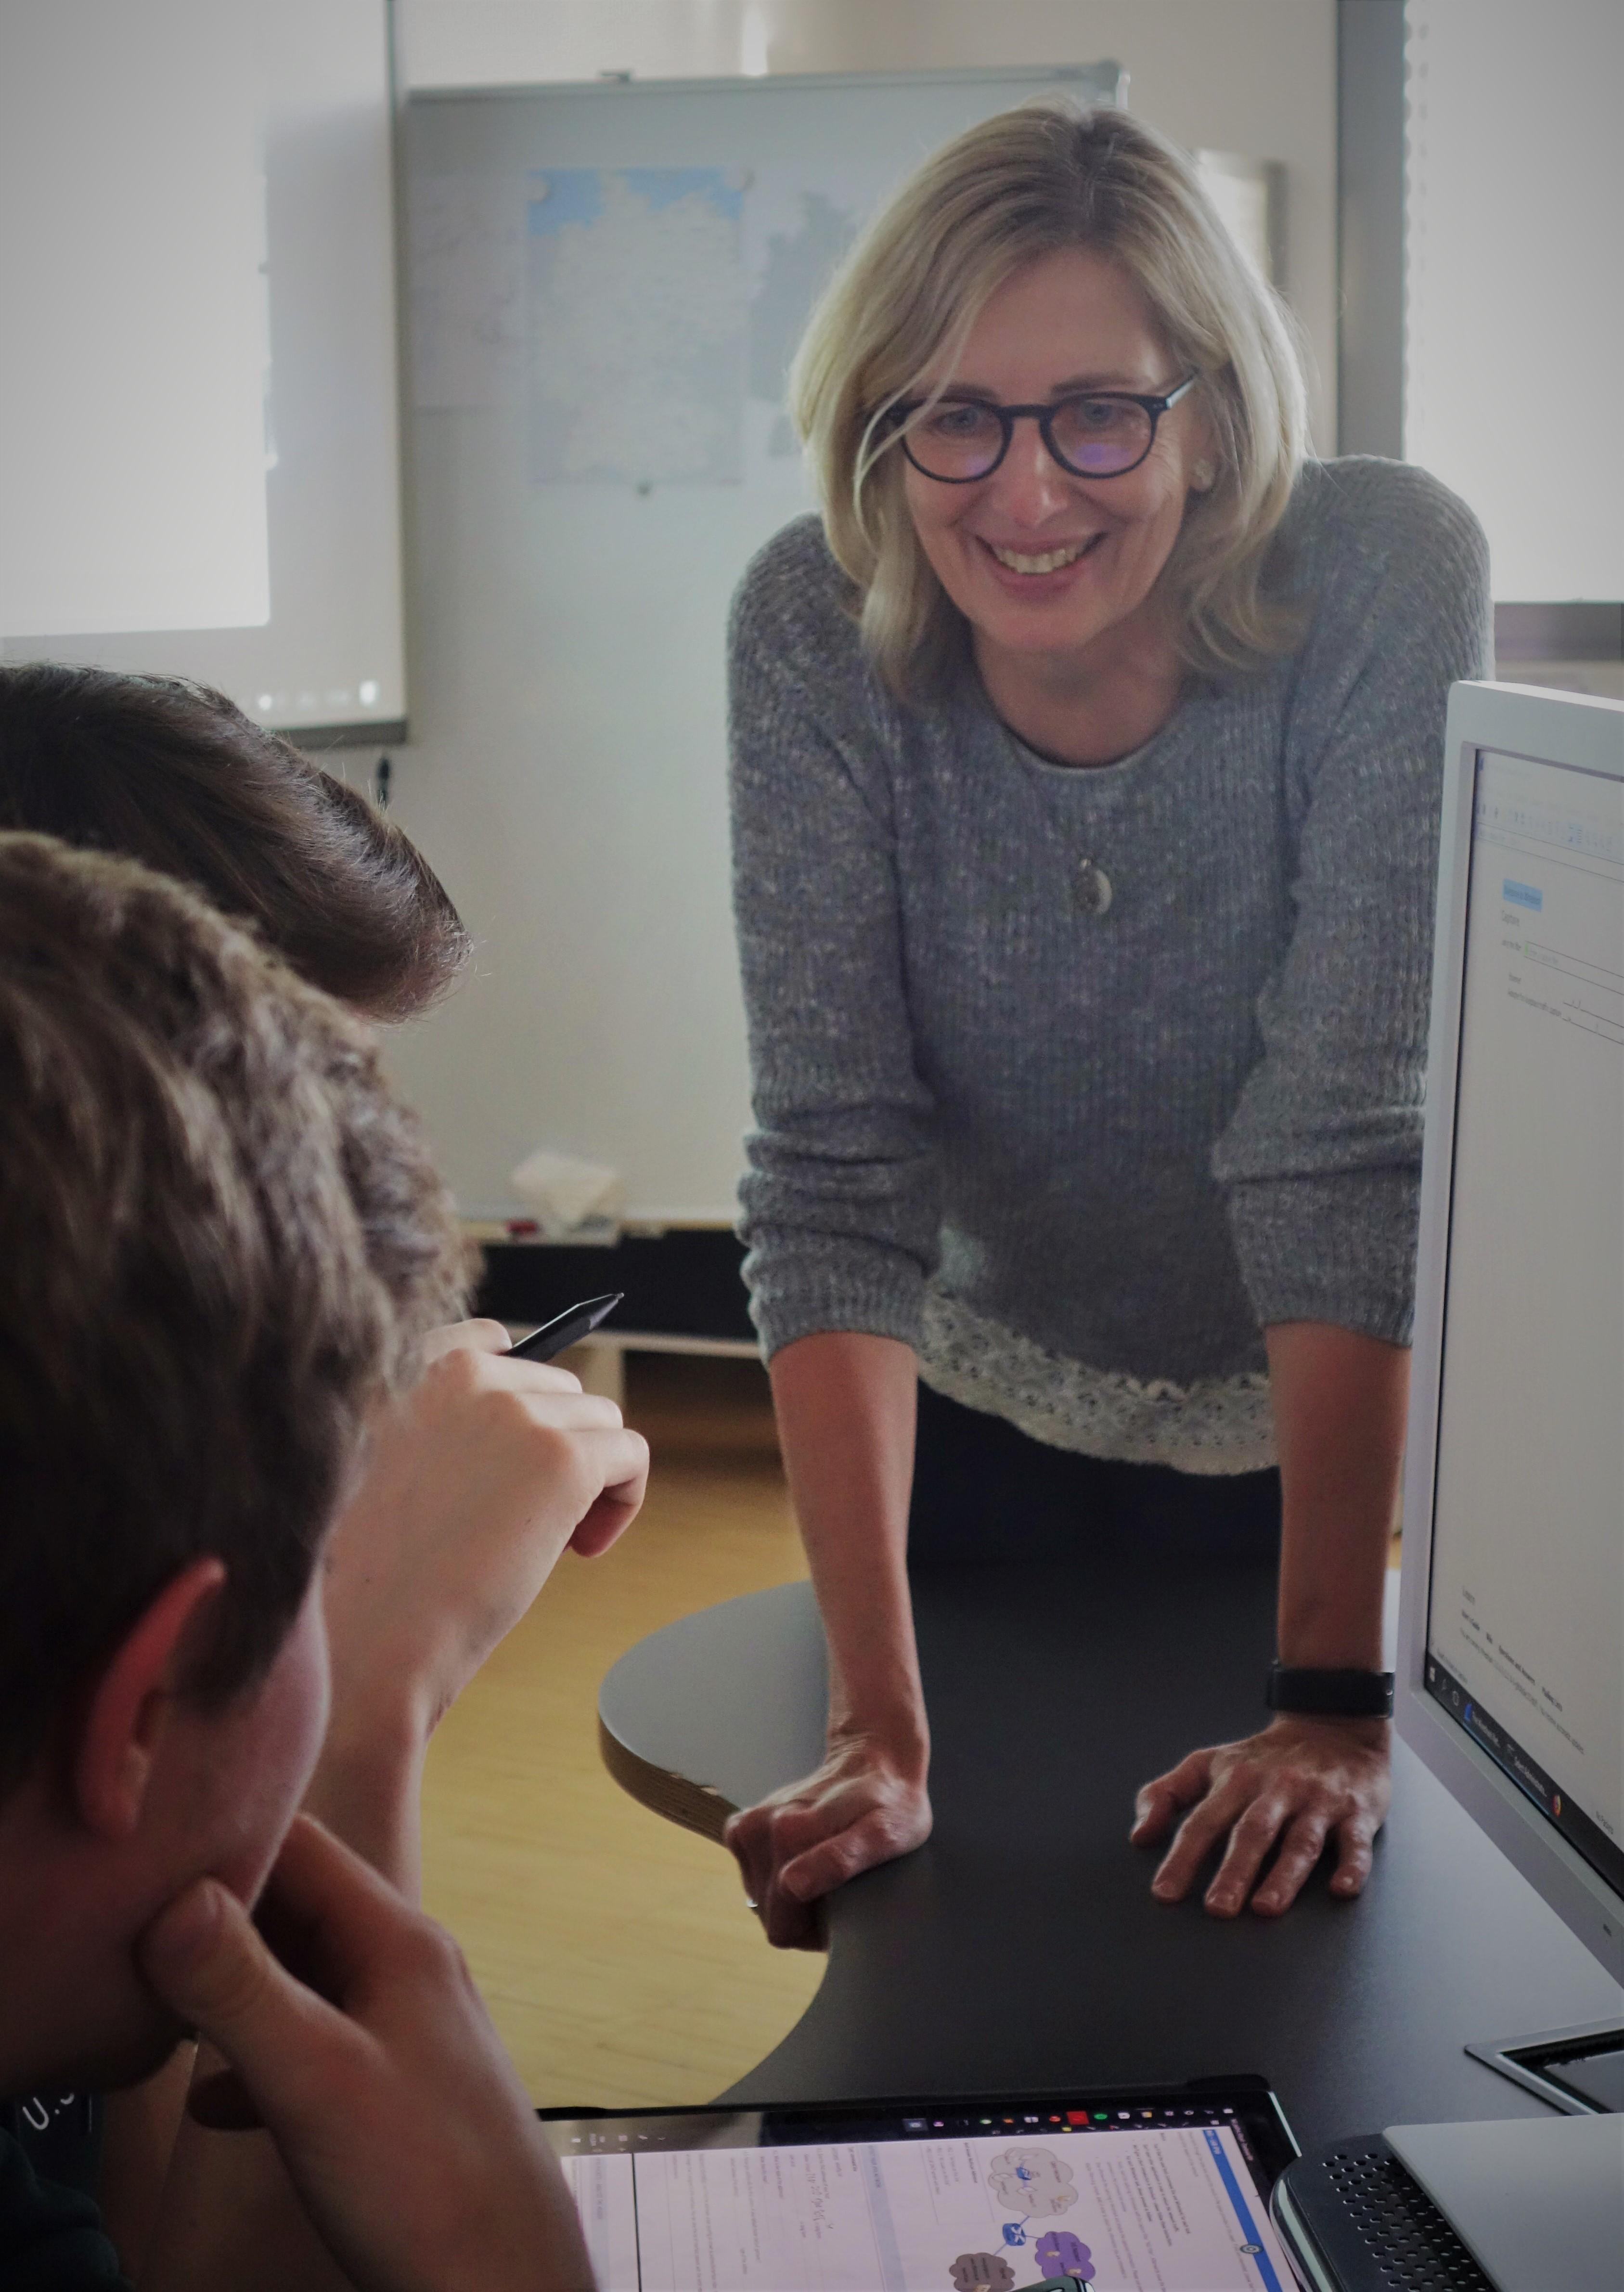 Claudia Schmidt bei der Betreuung von Studenten